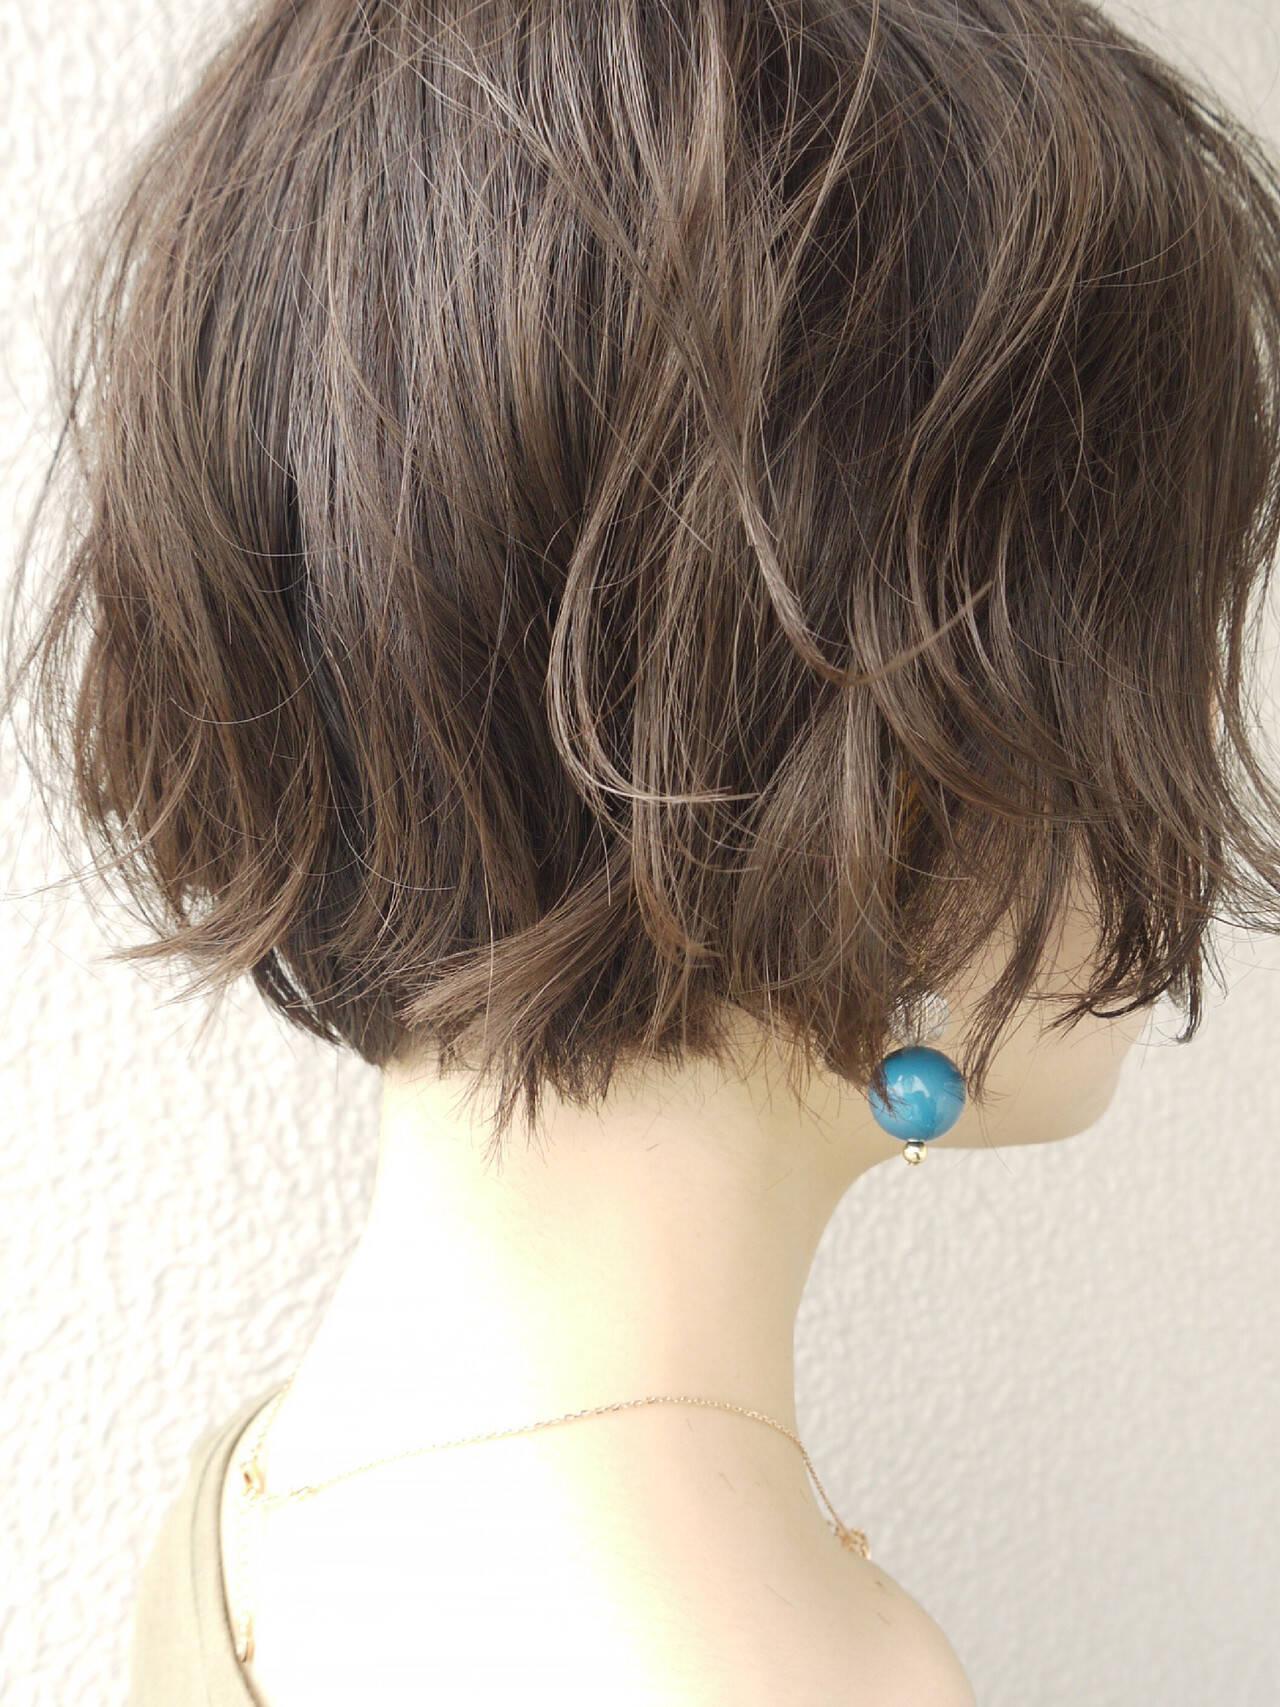 ナチュラル パーマ ゆるふわパーマ 大人かわいいヘアスタイルや髪型の写真・画像